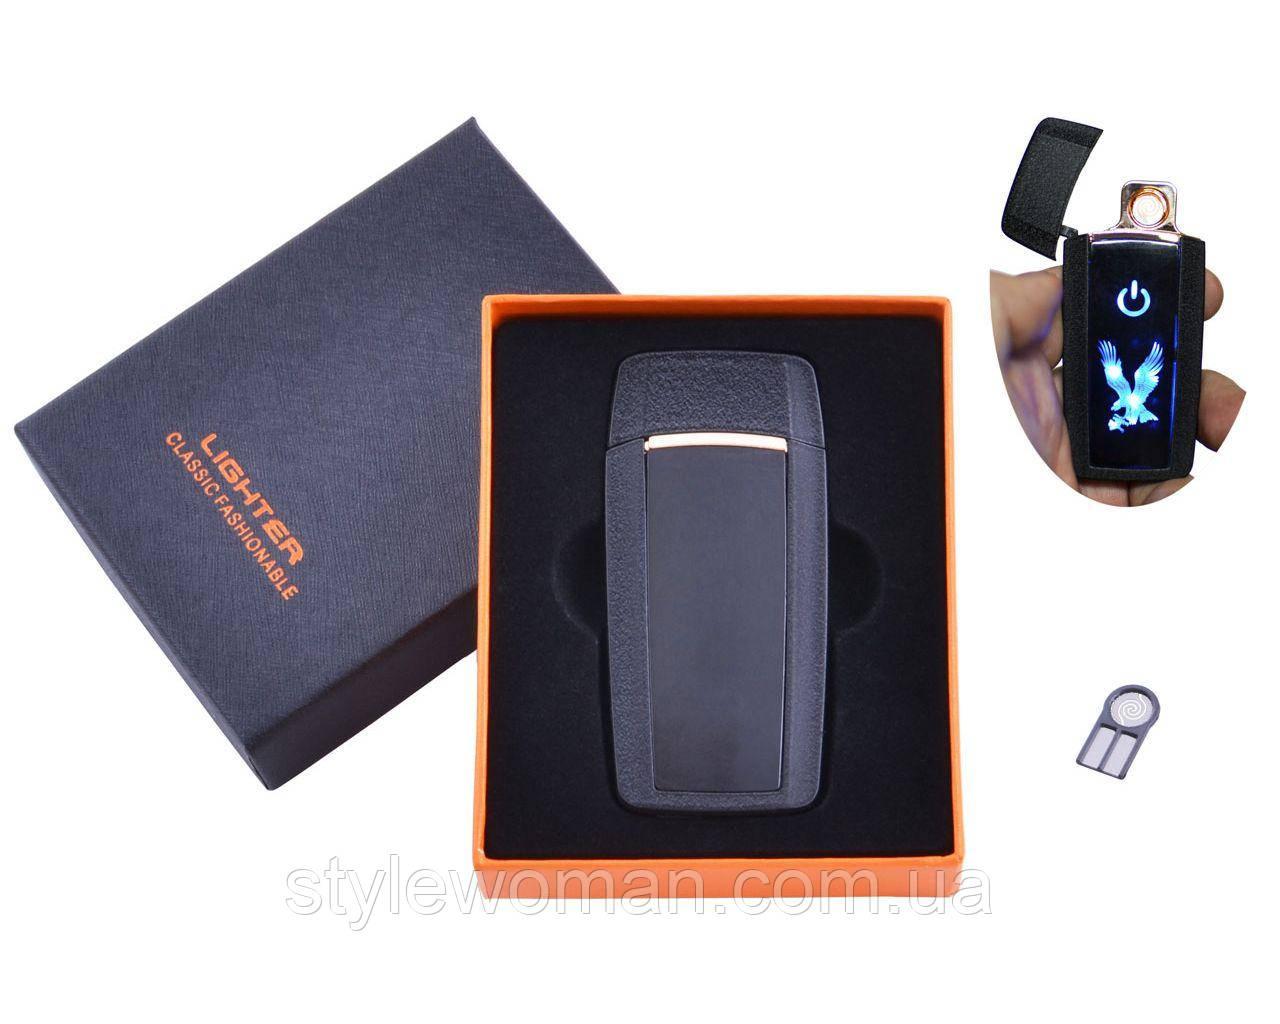 USB  зажигалка в подарочной упаковке (Двухсторонняя спираль накаливания) HL 55